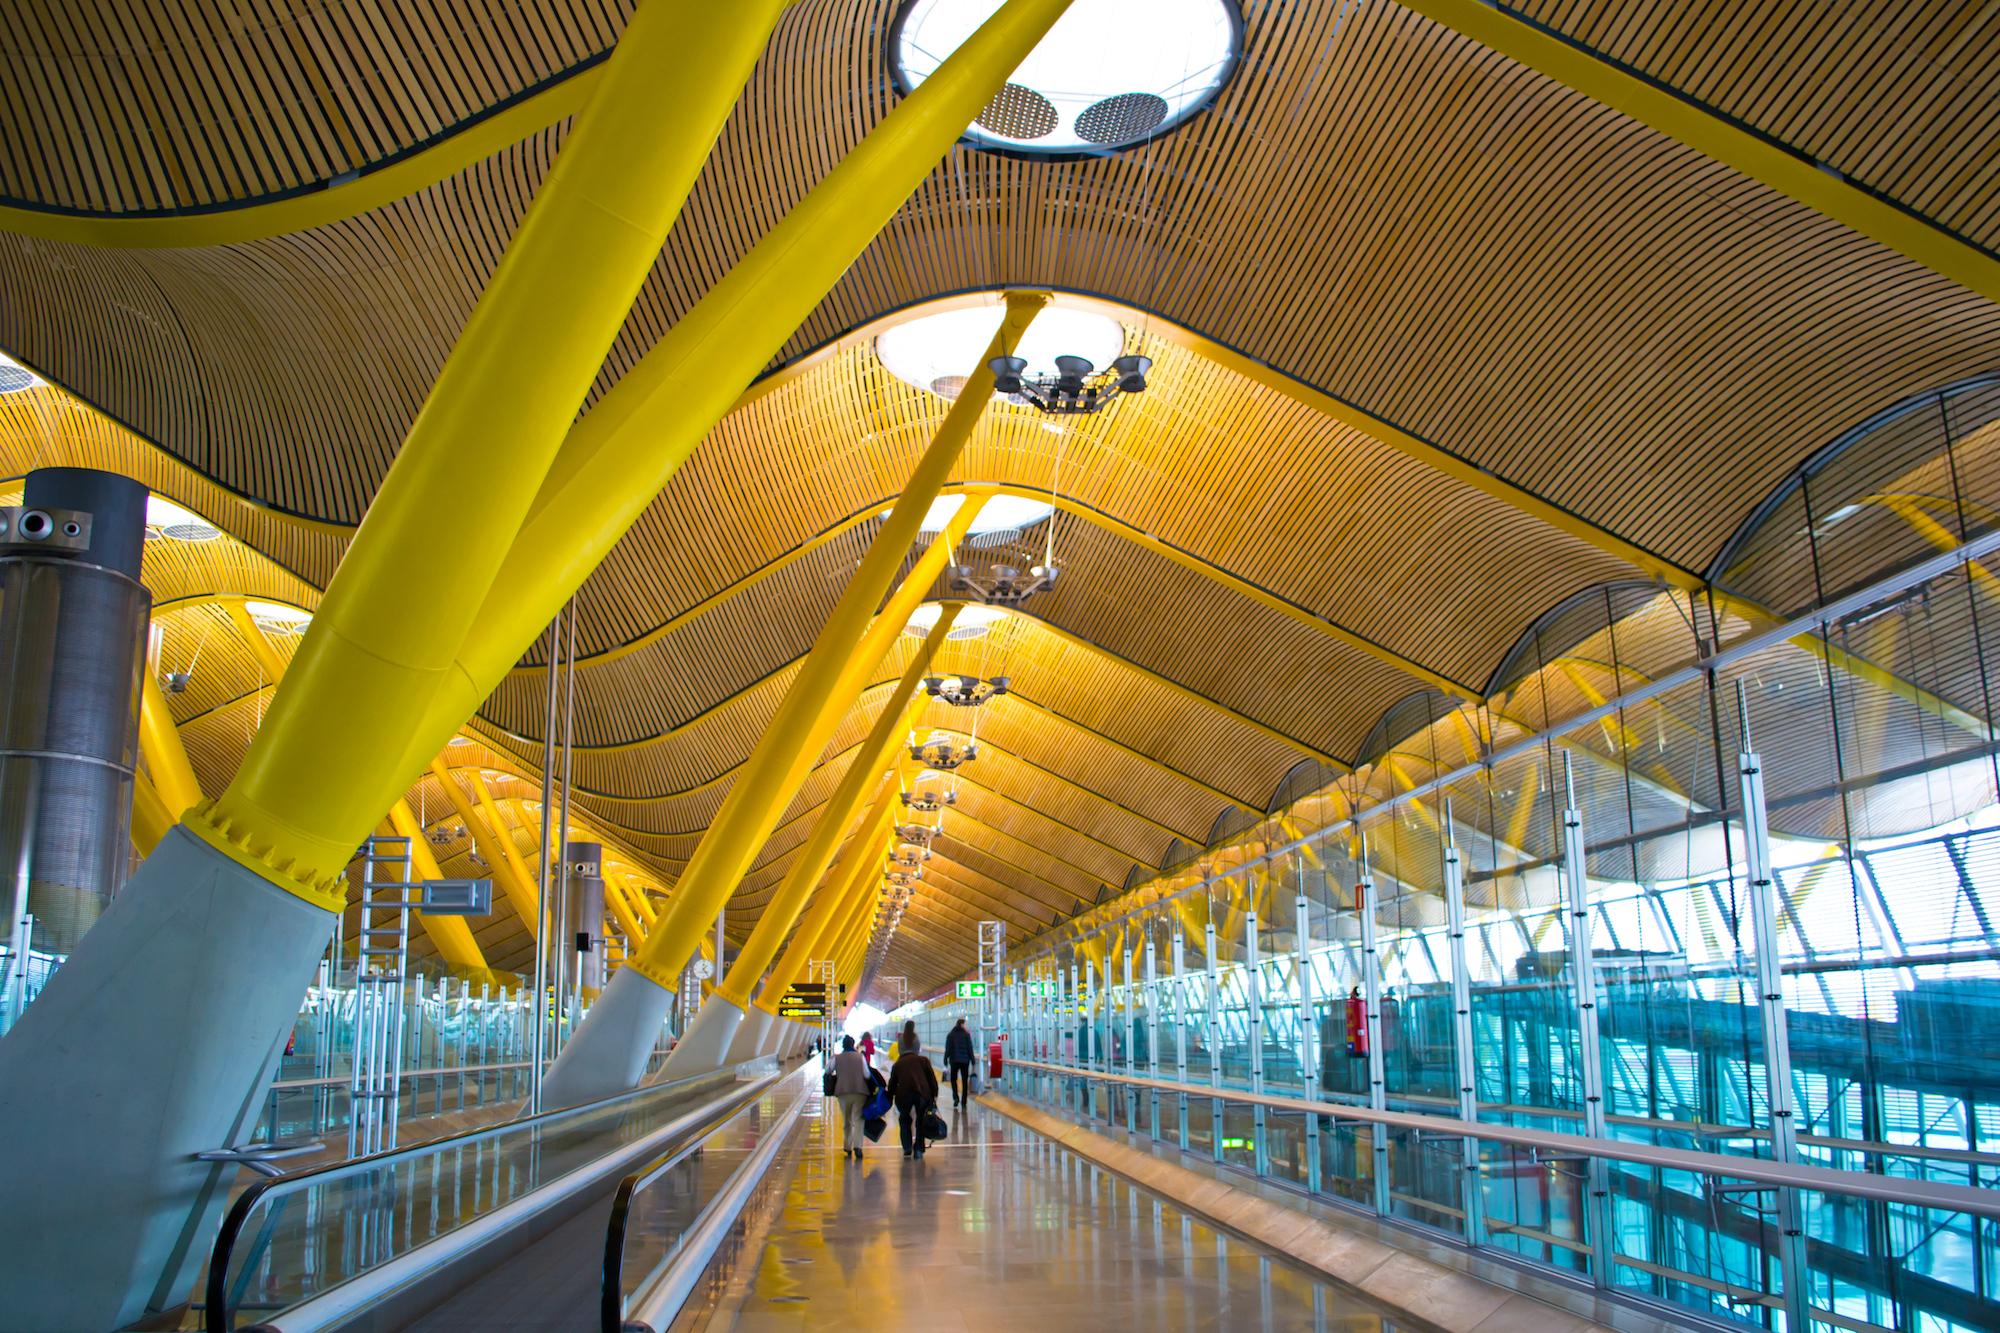 T4 Aeropuerto de Barajas